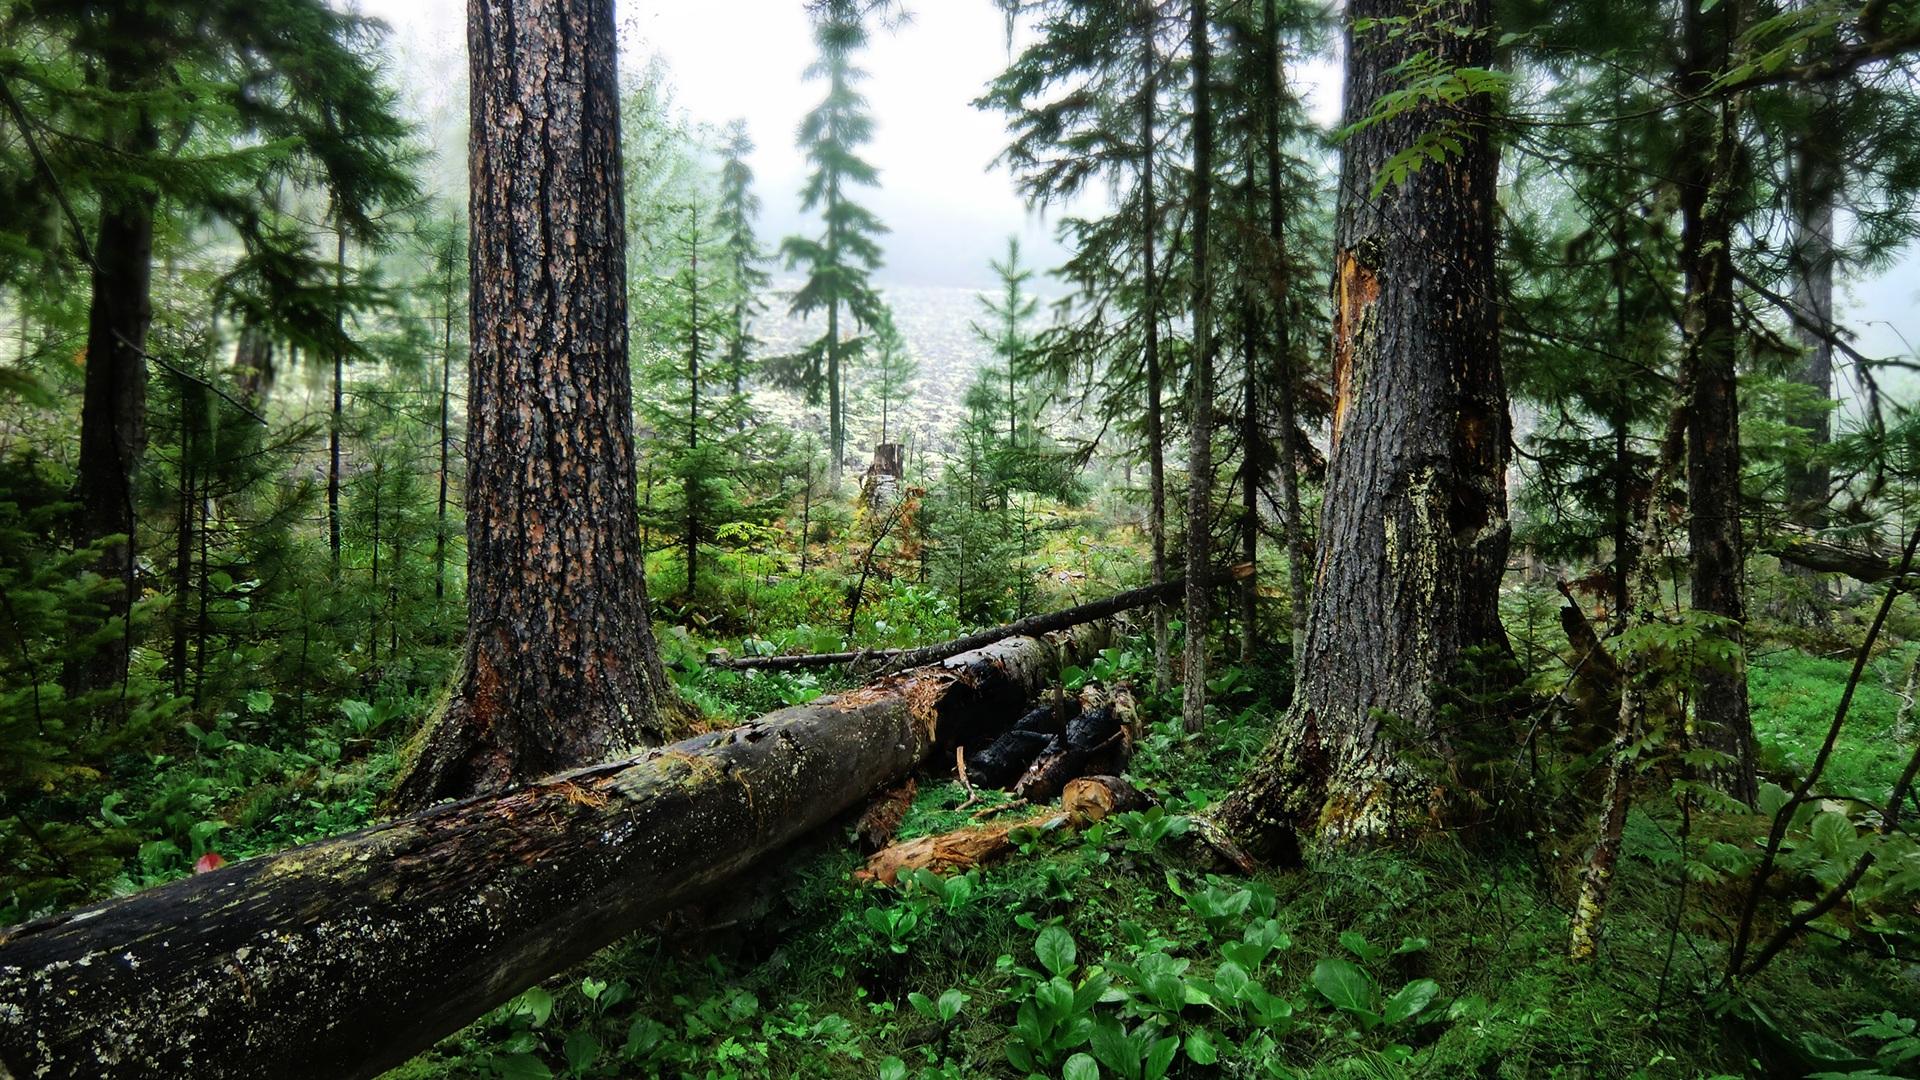 Herbe nature verte et des arbres fonds d écran 1920x1080